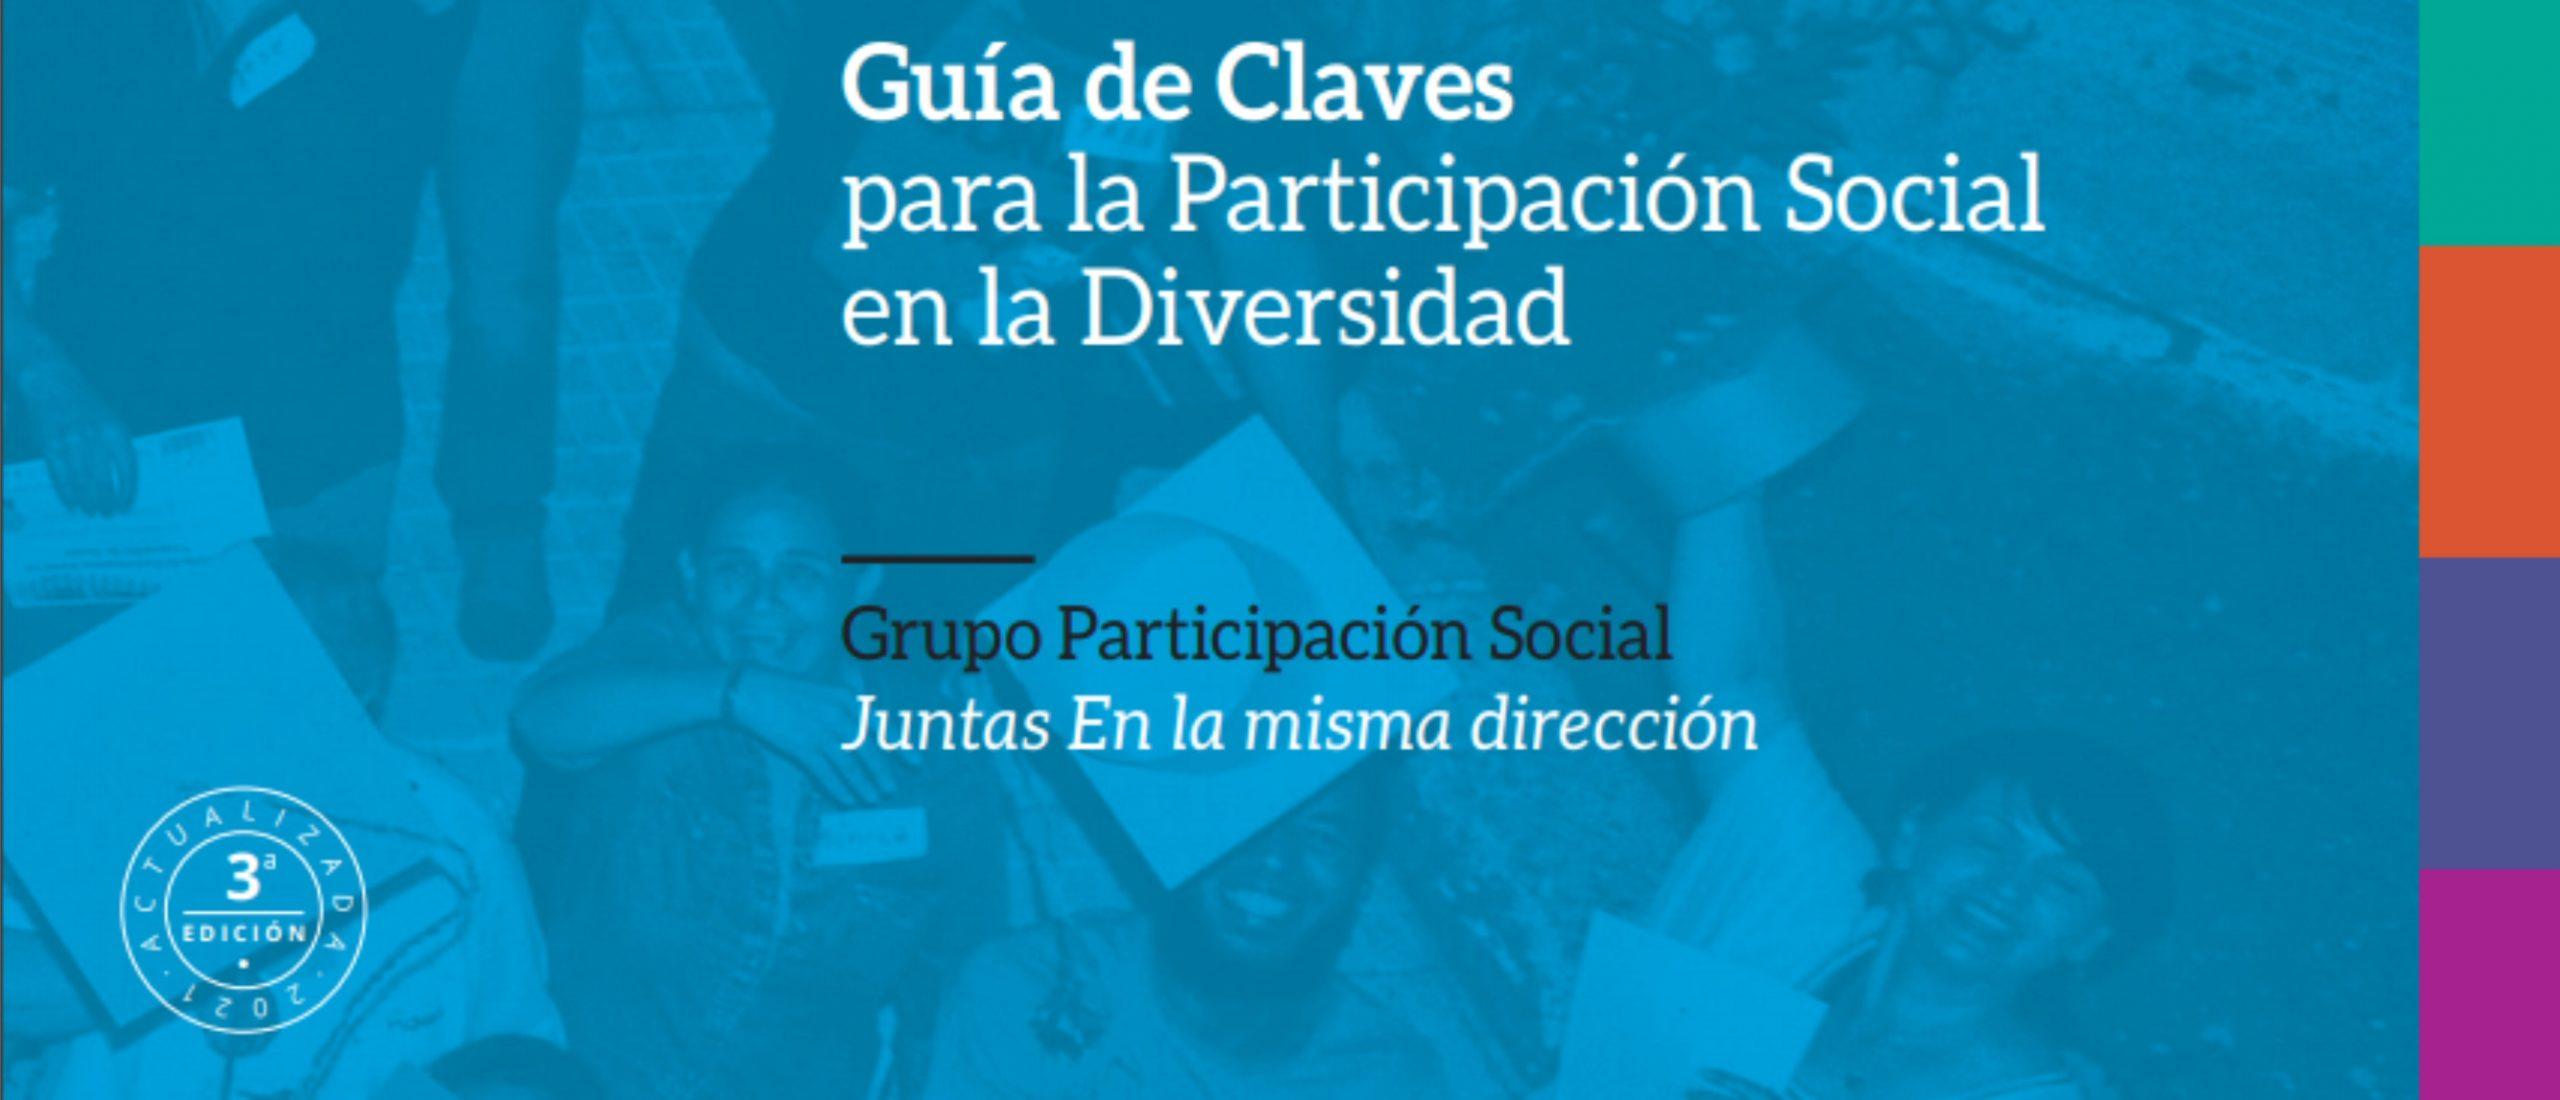 Guía de Claves para la Participación Social en la Diversidad (versión actualizada)